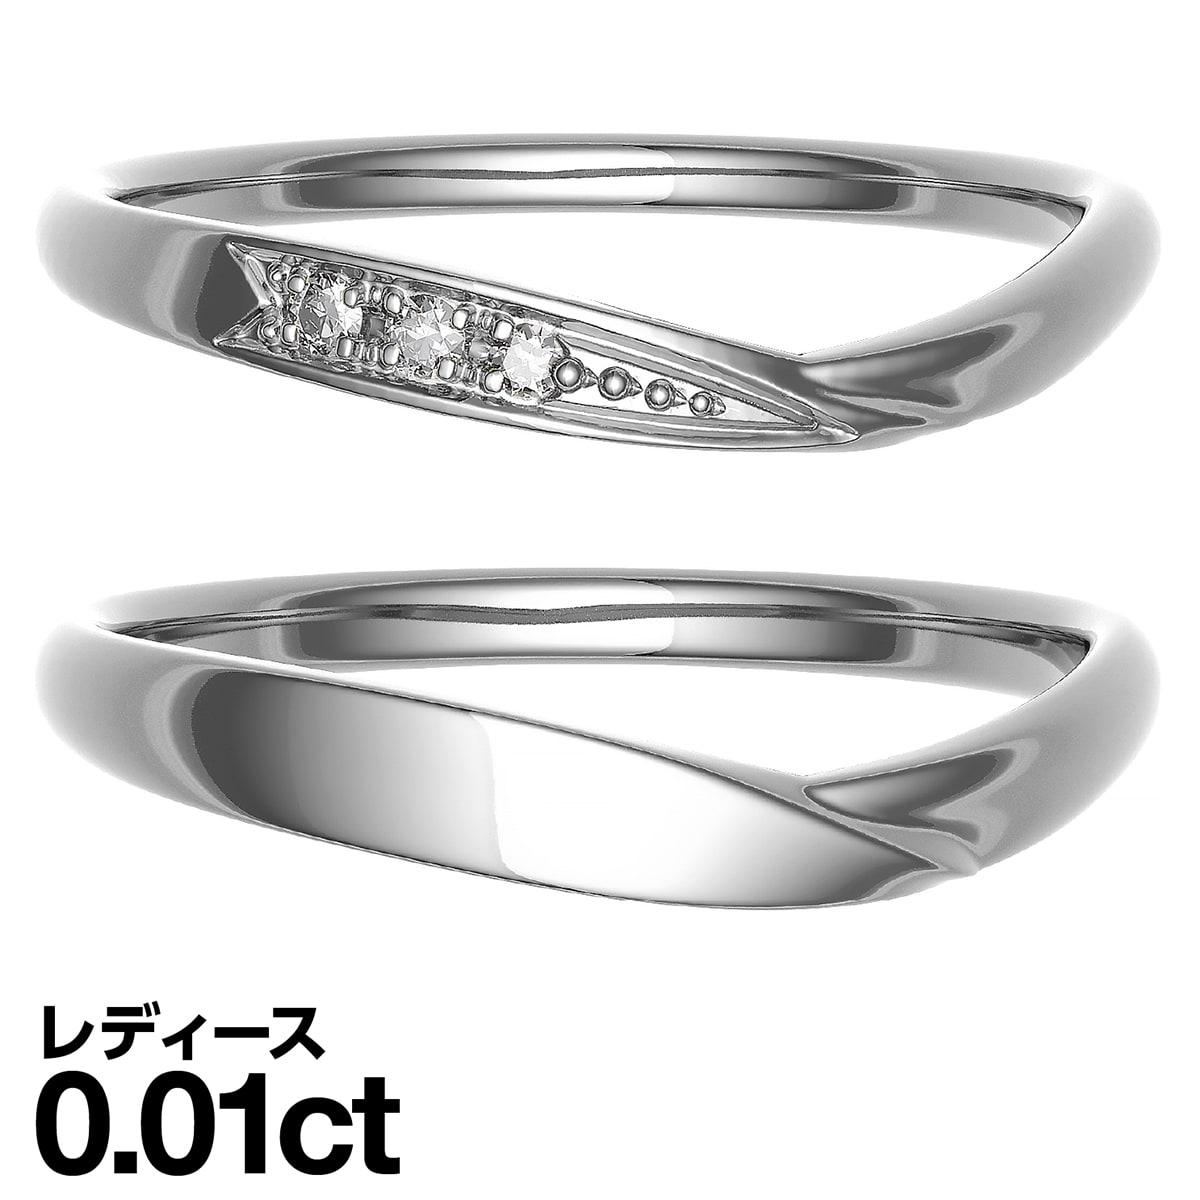 【送料無料】K18ゴールド ペアリング 2本セット 結婚指輪 マリッジリング 天然ダイヤモンド 日本製【結婚指輪】【マリッジリング】【プレゼント】【ギフト】 【ダイヤモンド】